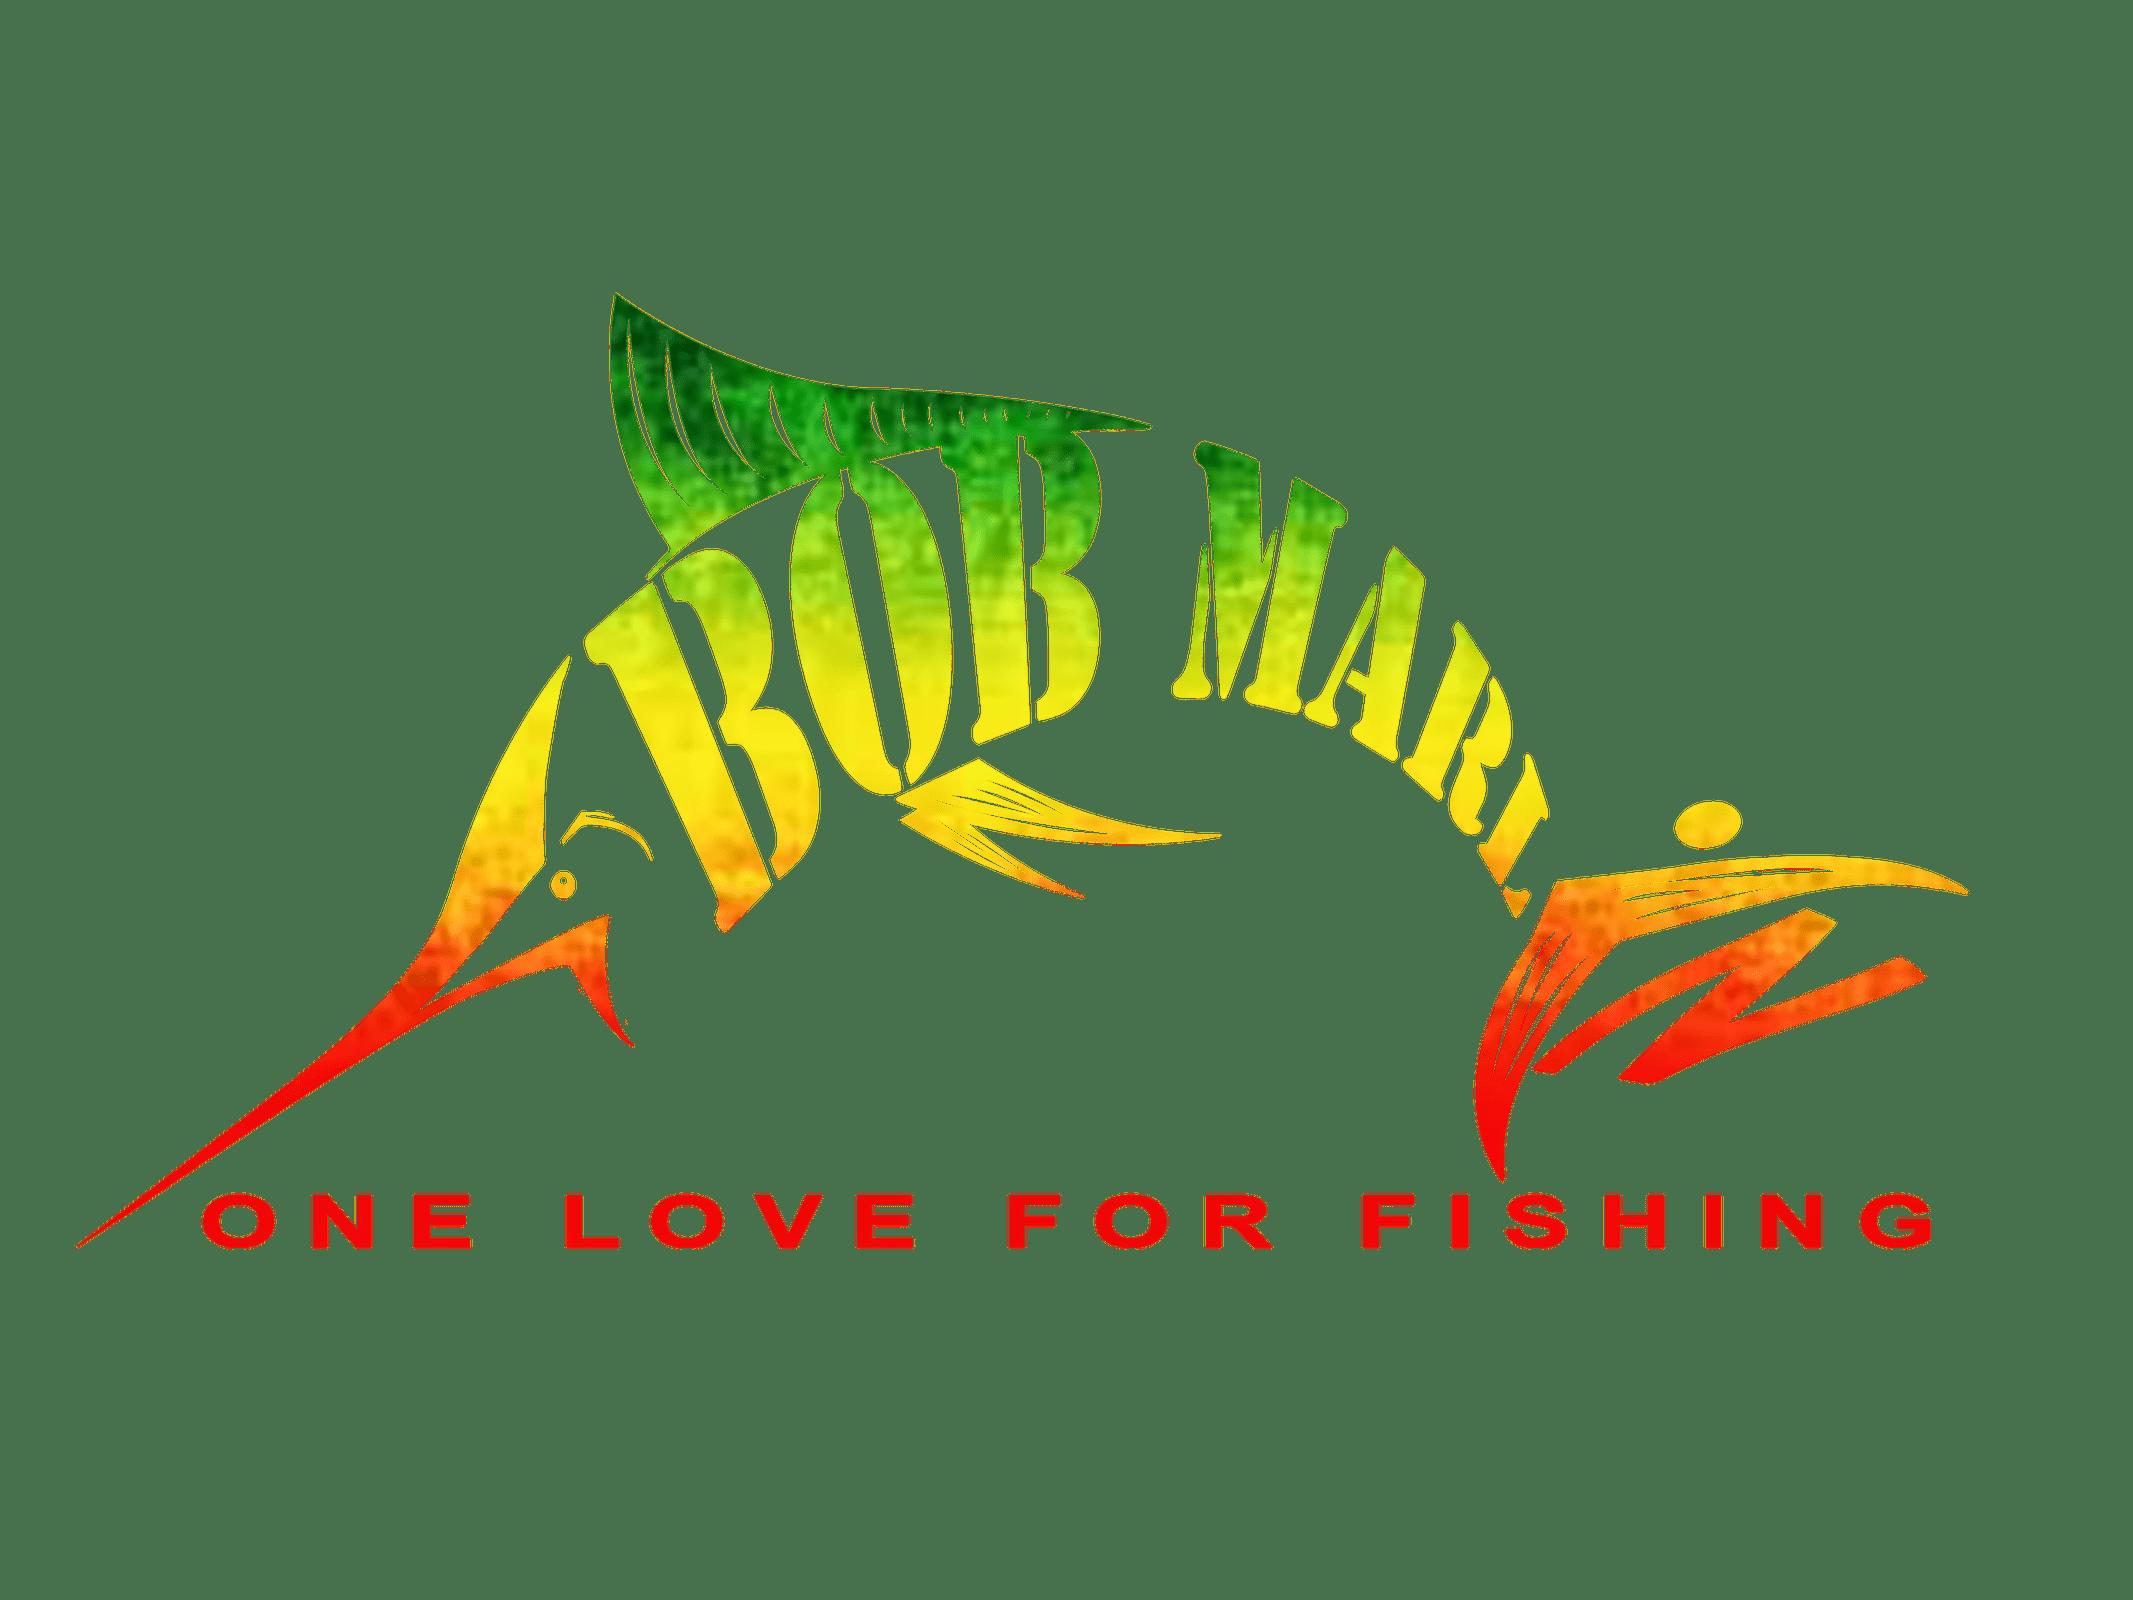 Bob gear one love. Fisherman clipart marlin fishing